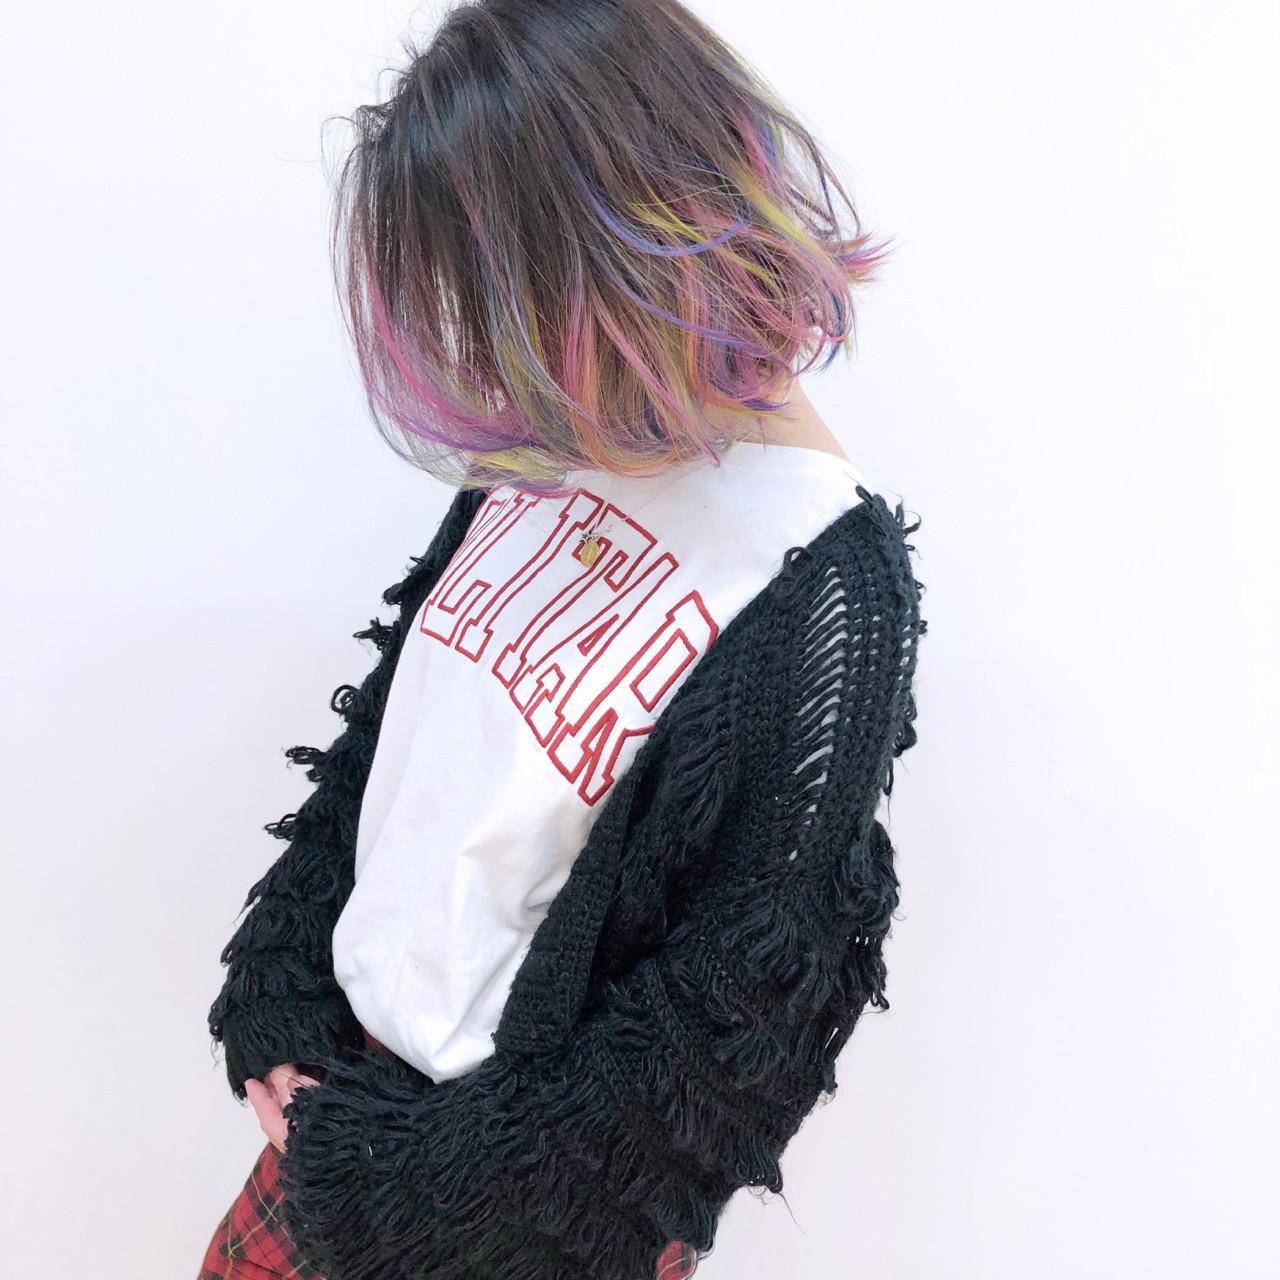 カラフルな毛先がかわいいグラデヘア YSO